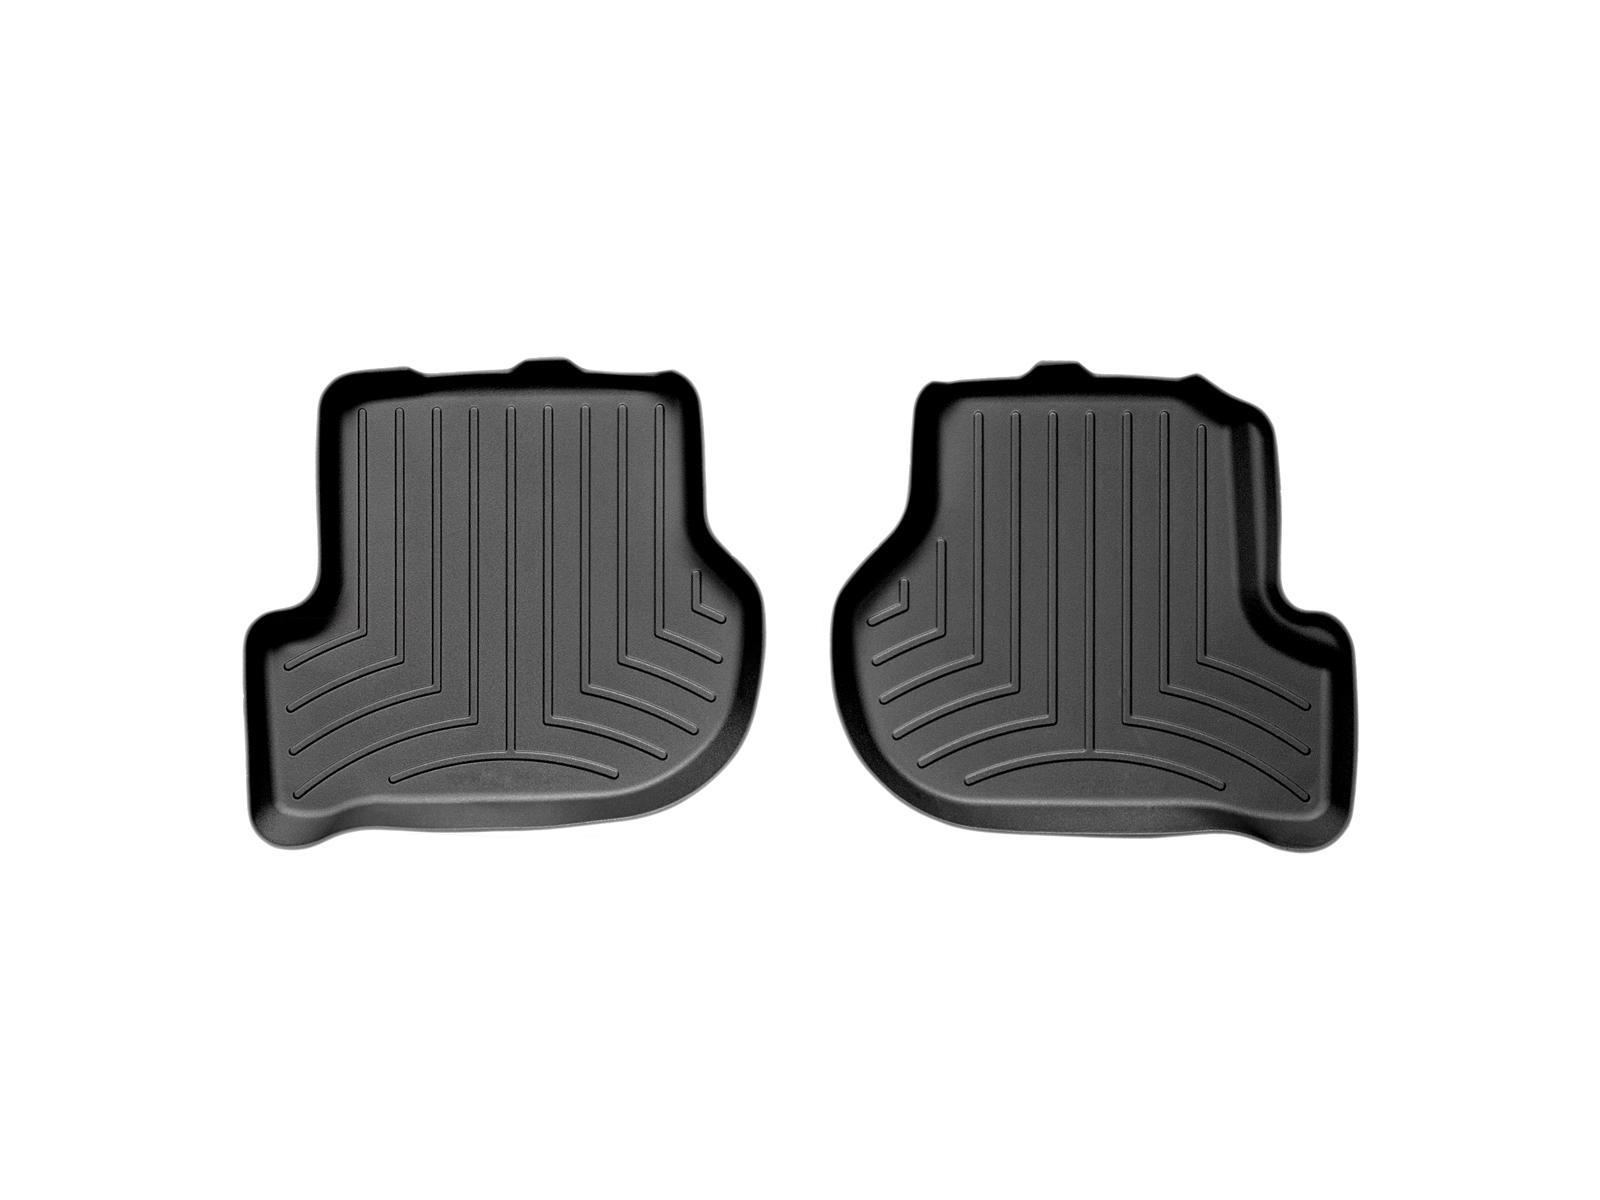 Tappeti gomma su misura bordo alto Volkswagen Golf 04>11 Nero A4039*